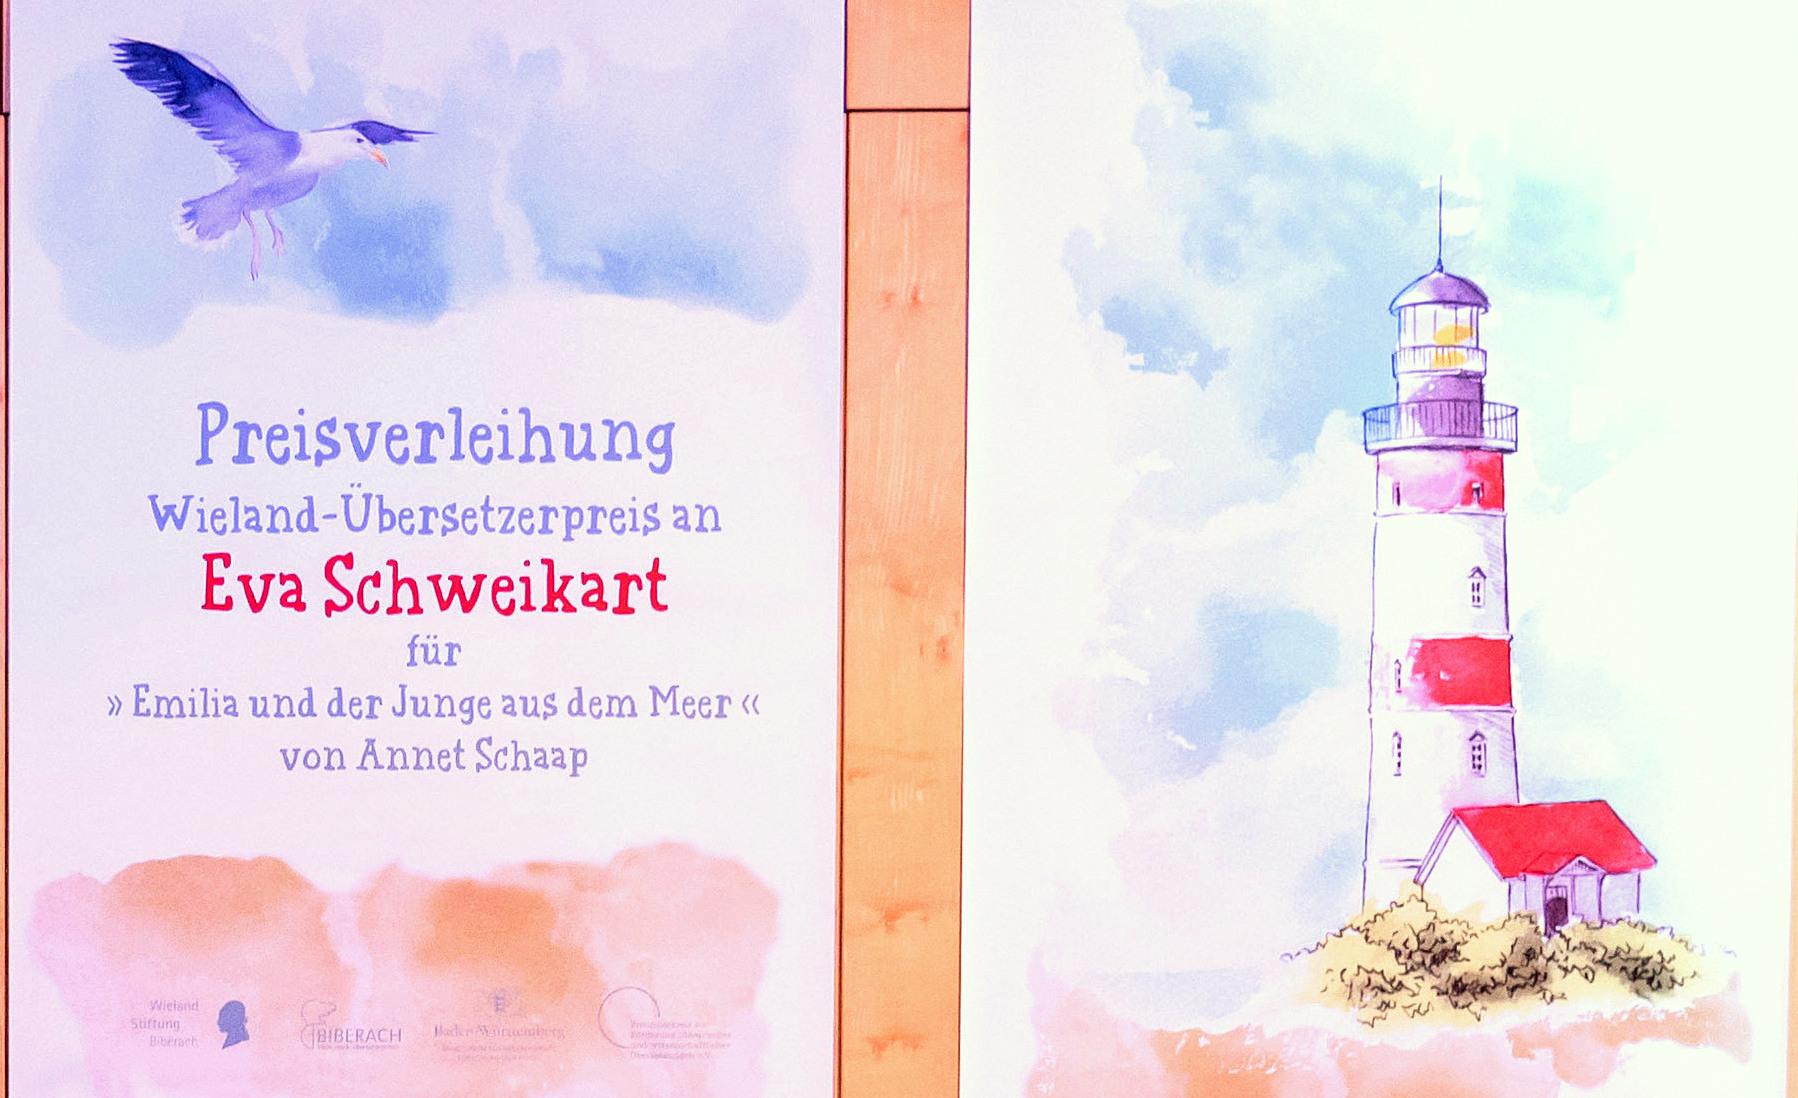 Wieland Stiftung Biberach, Eva Schweikart erhält den Christoph Martin Wieland-Übersetzerpreis 7. November 2019